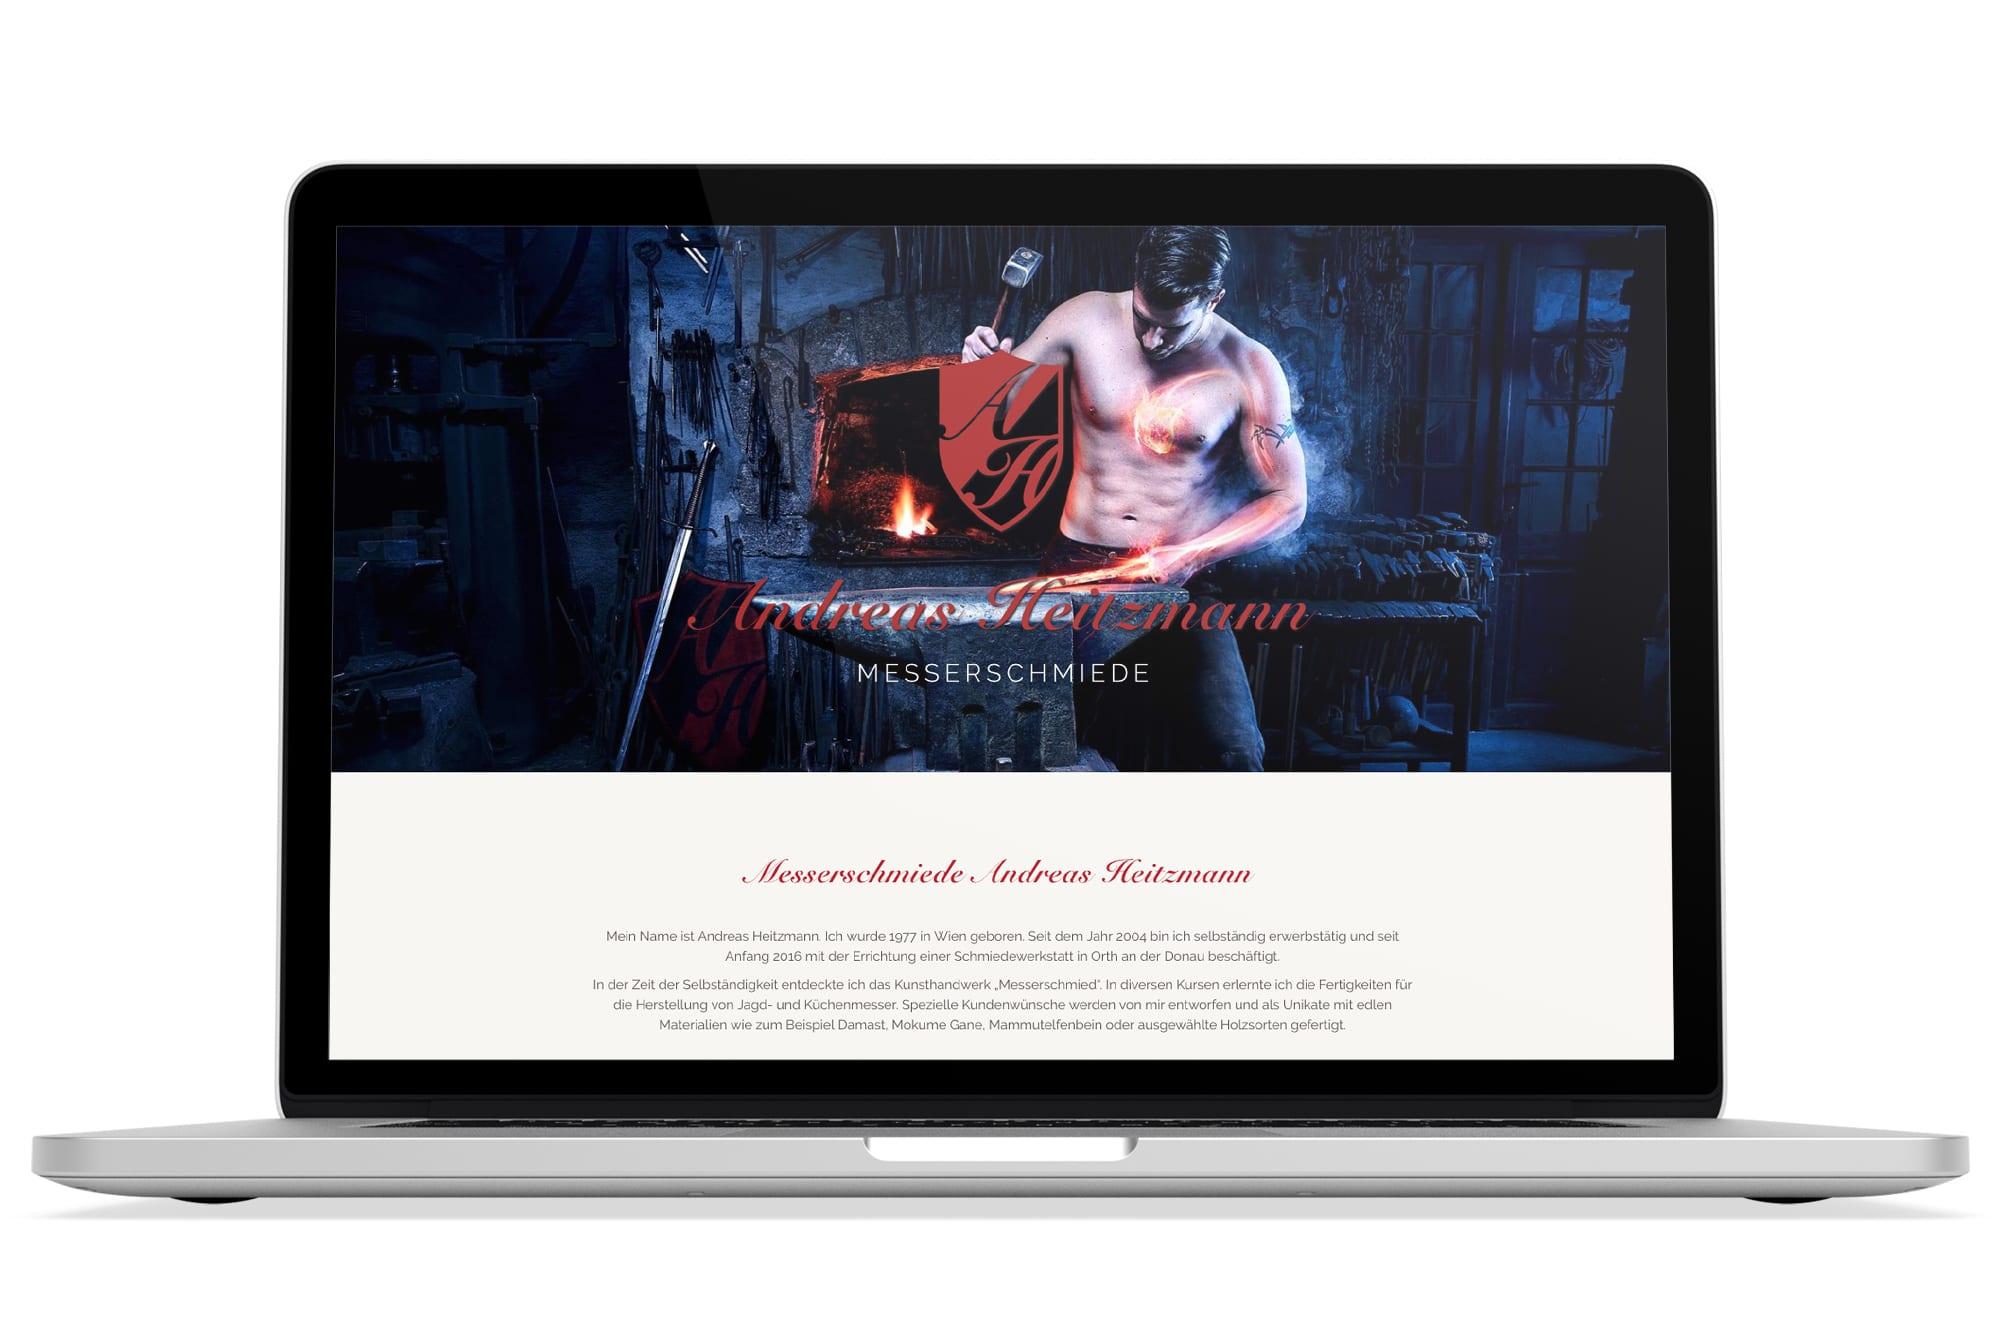 Webdesign Beispiel: Corporate Design, Responsive Webdesign für Schmiede und Schmiedekurse Wien